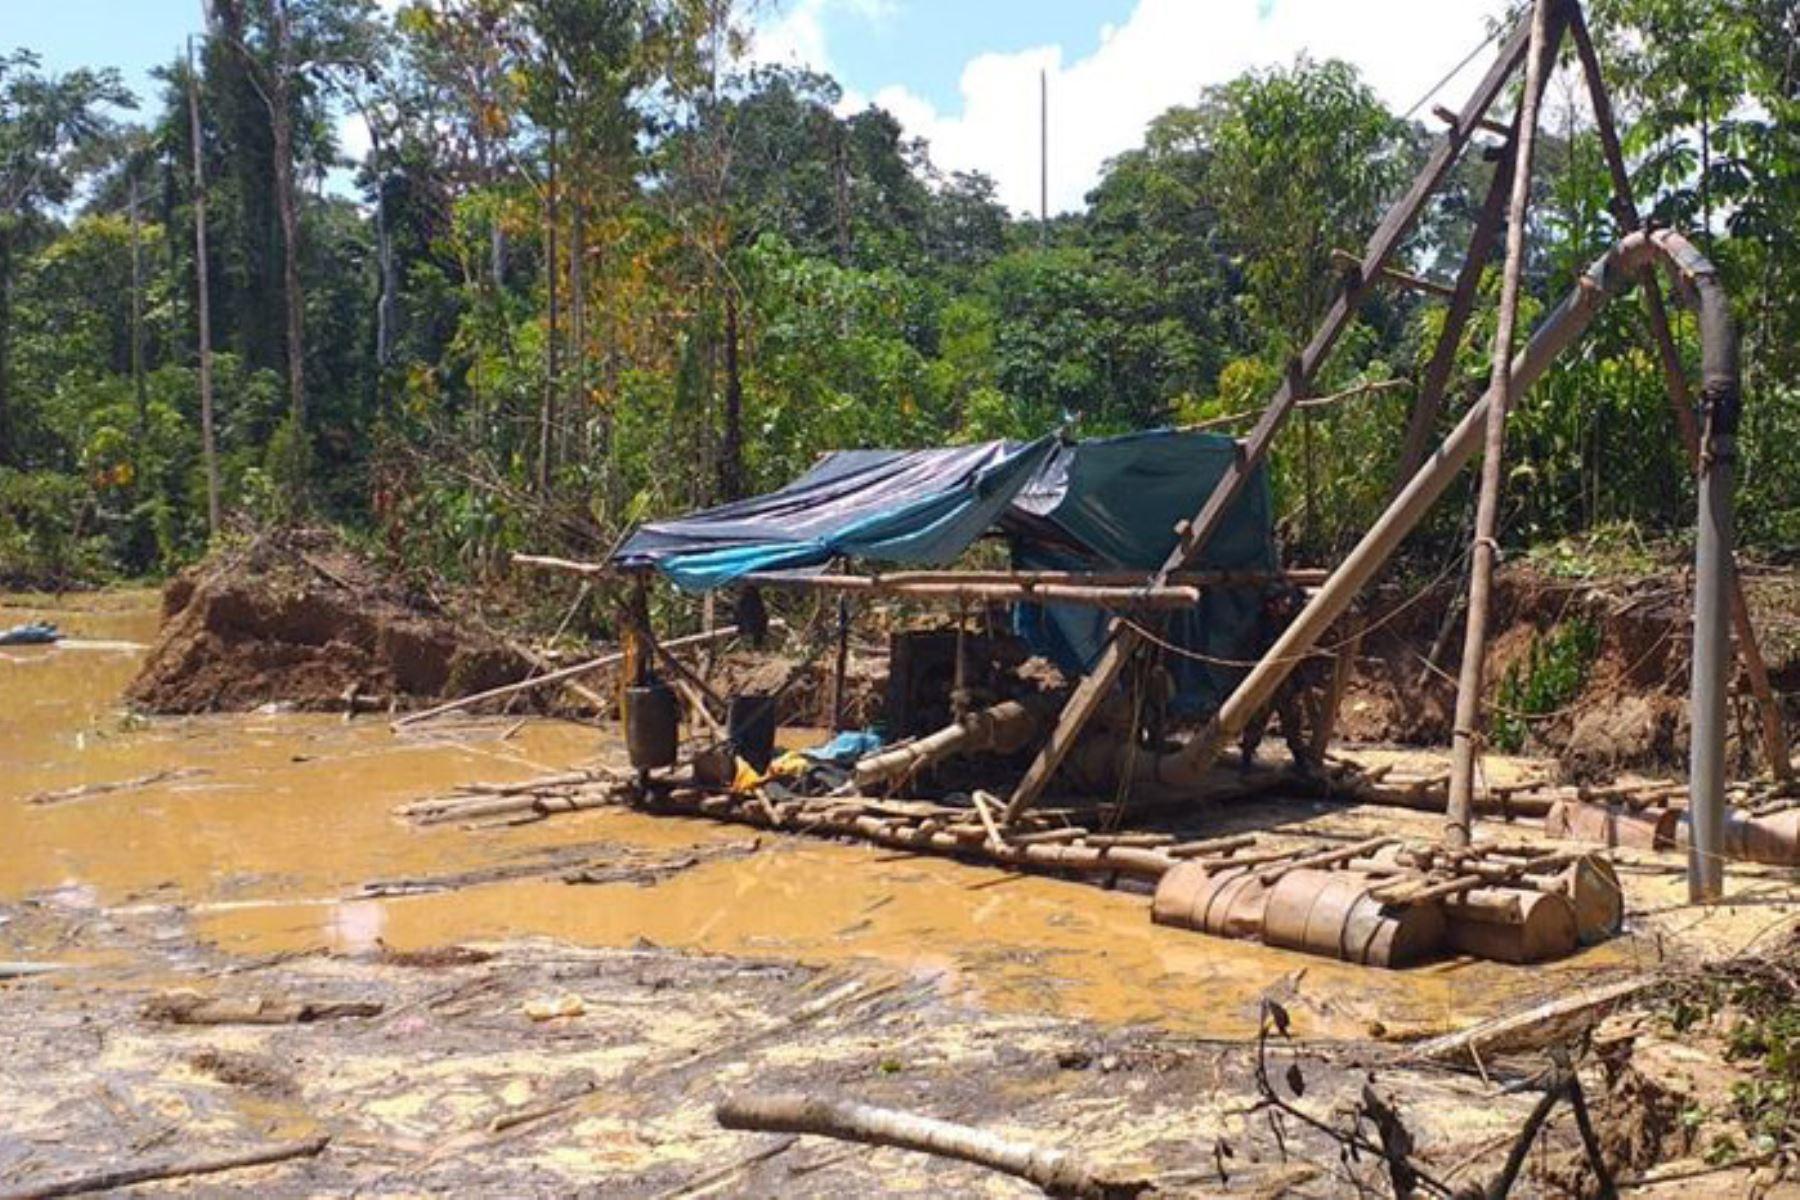 En el sector de Mangote, de la zona de amortiguamiento de la Reserva Nacional Tambopata, se ejecutó operativo contra la minería ilegal.